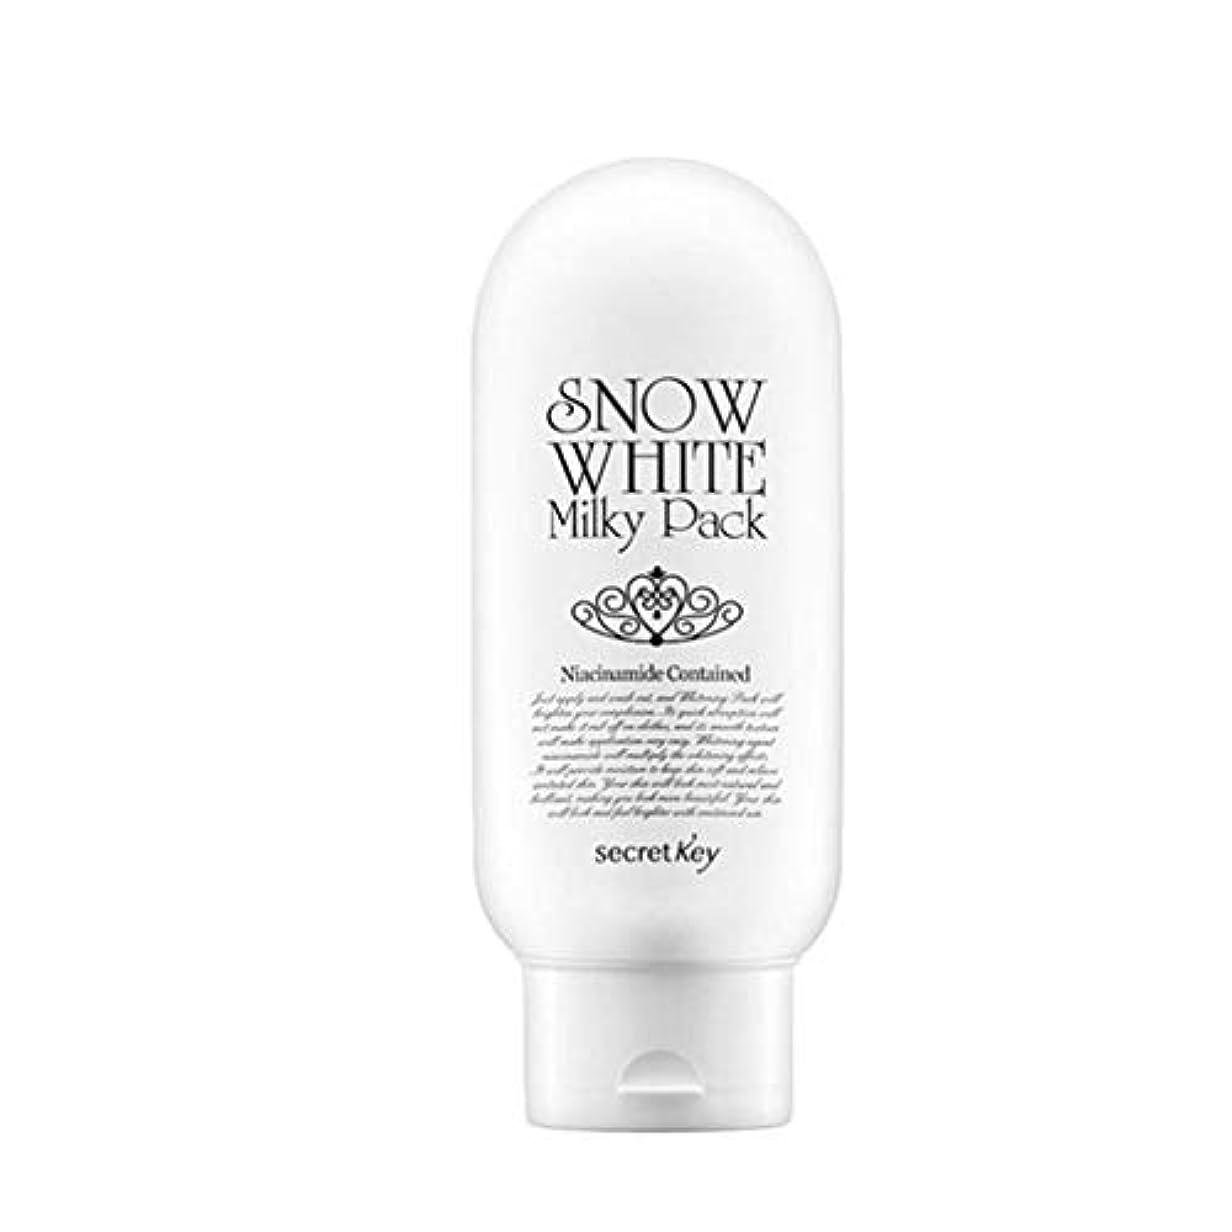 ビジュアル指ブラウズシークレットキースノーホワイトミルキーパック200g韓国コスメ、Secret Key Snow White Milky Pack 200g Korean Cosmetics [並行輸入品]